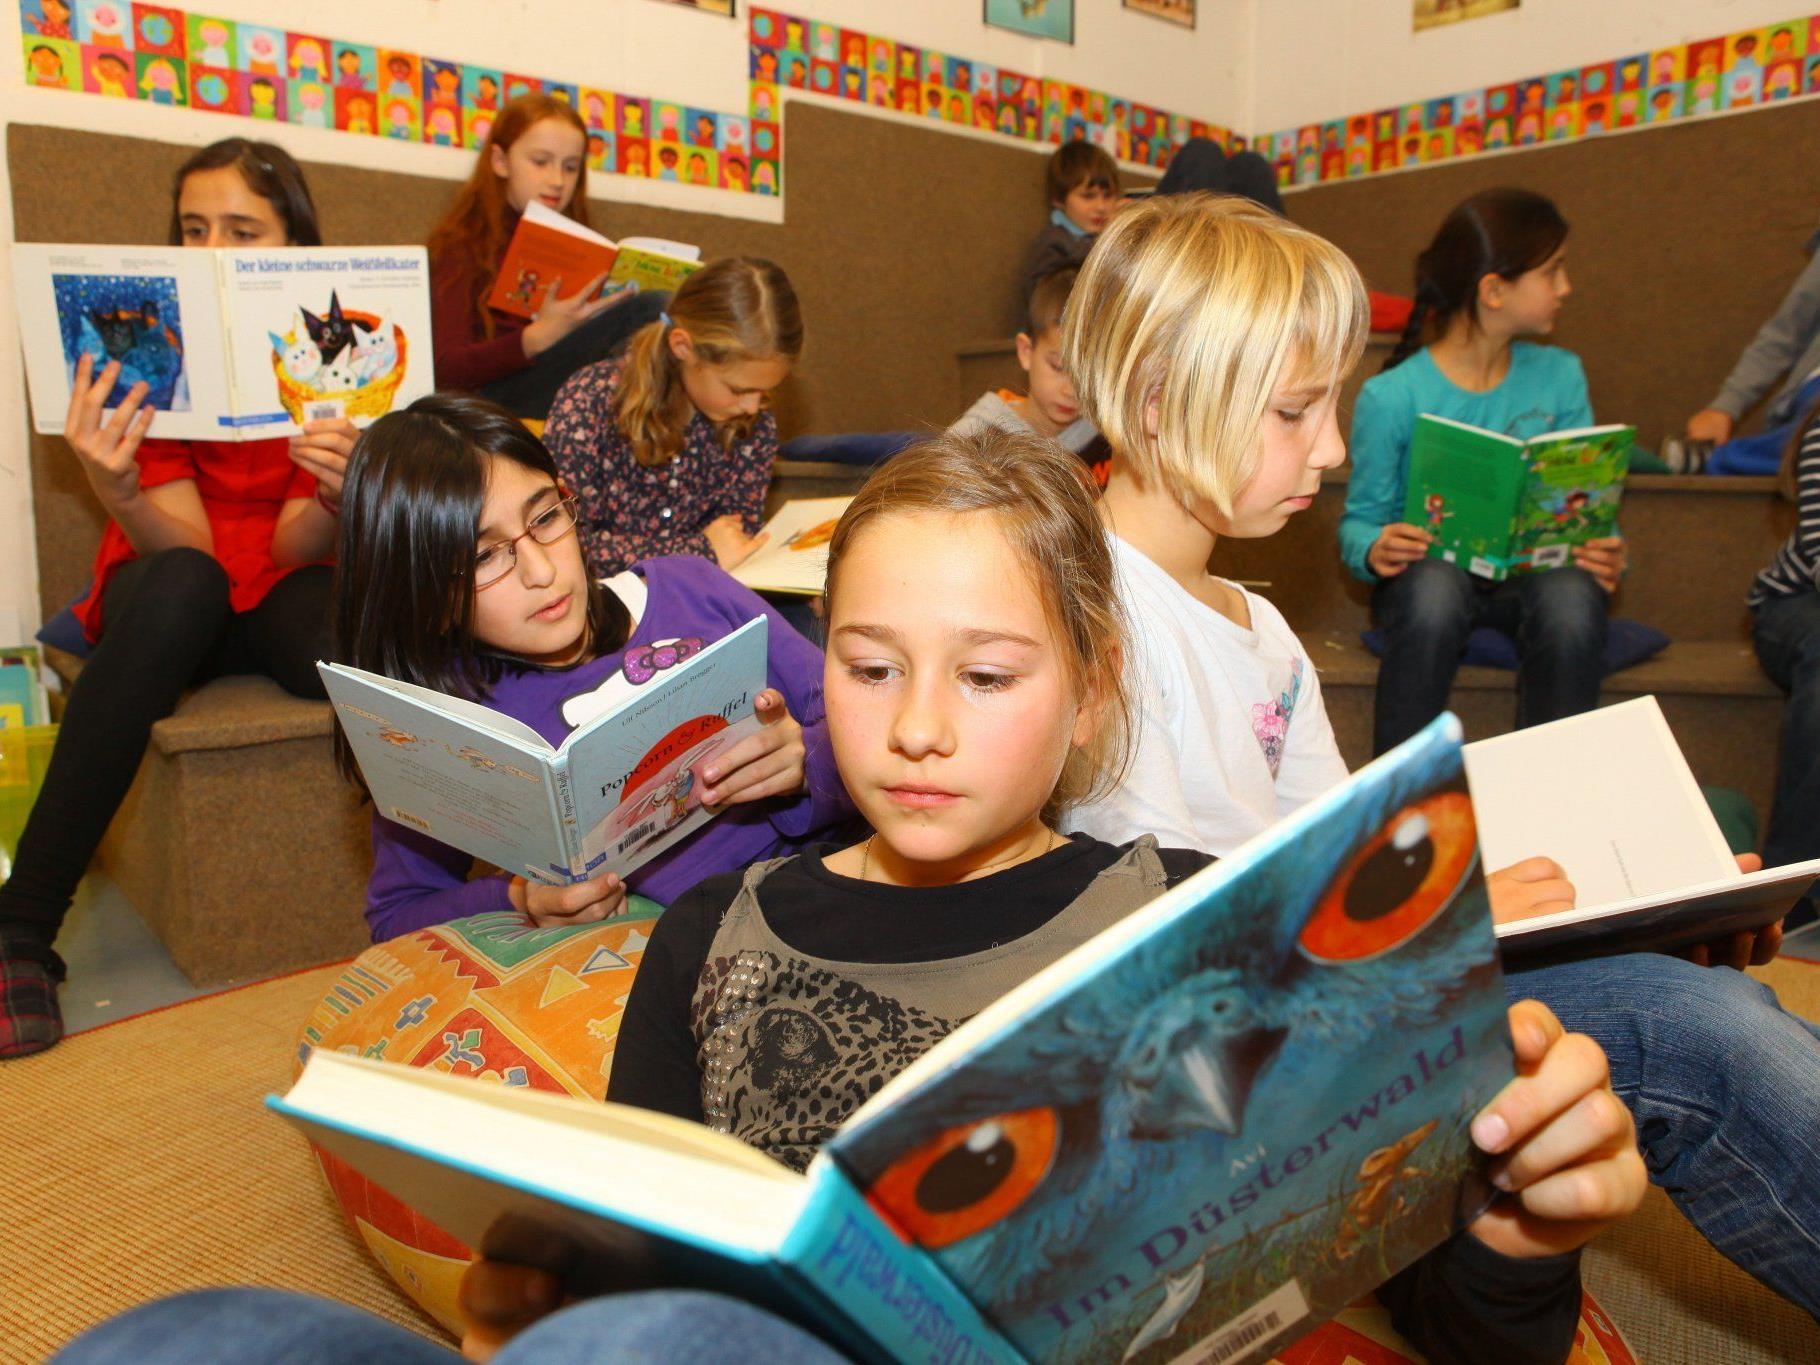 Volksschule Götzis-Blattur: Heuer haben sich die Kinder der 2a und 4b durch rund 250 Neuerscheinungen auf dem Kinderbuchmarkt geblättert und für ihre Altersstufe zehn Bücher ausgewählt.